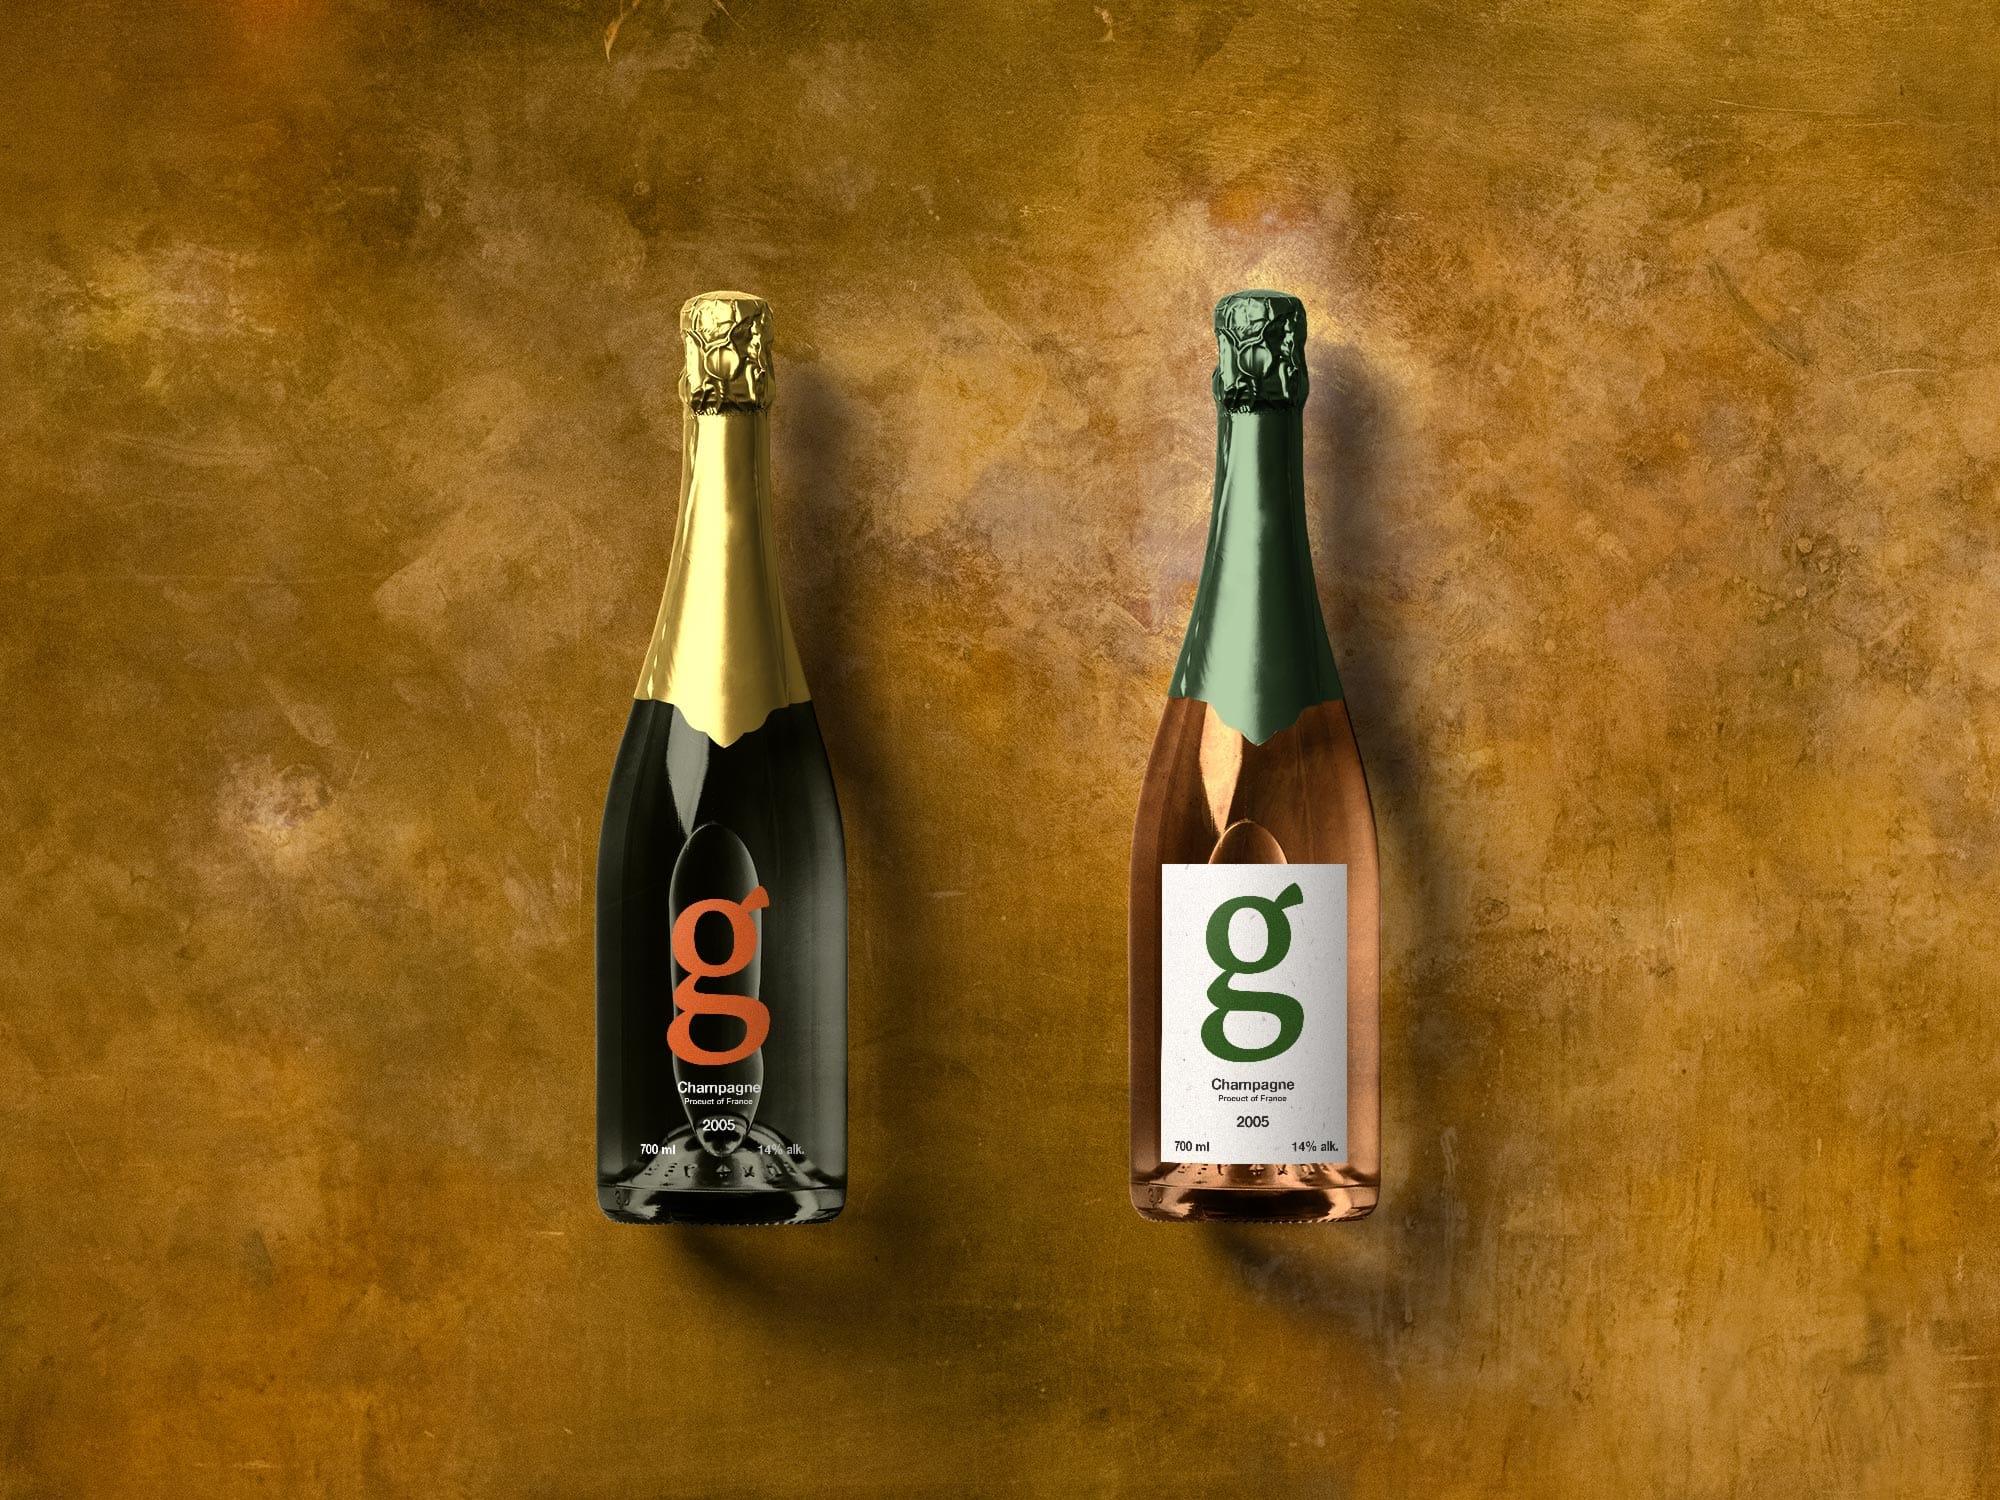 To flasker champagne på en messing fotobaggrund